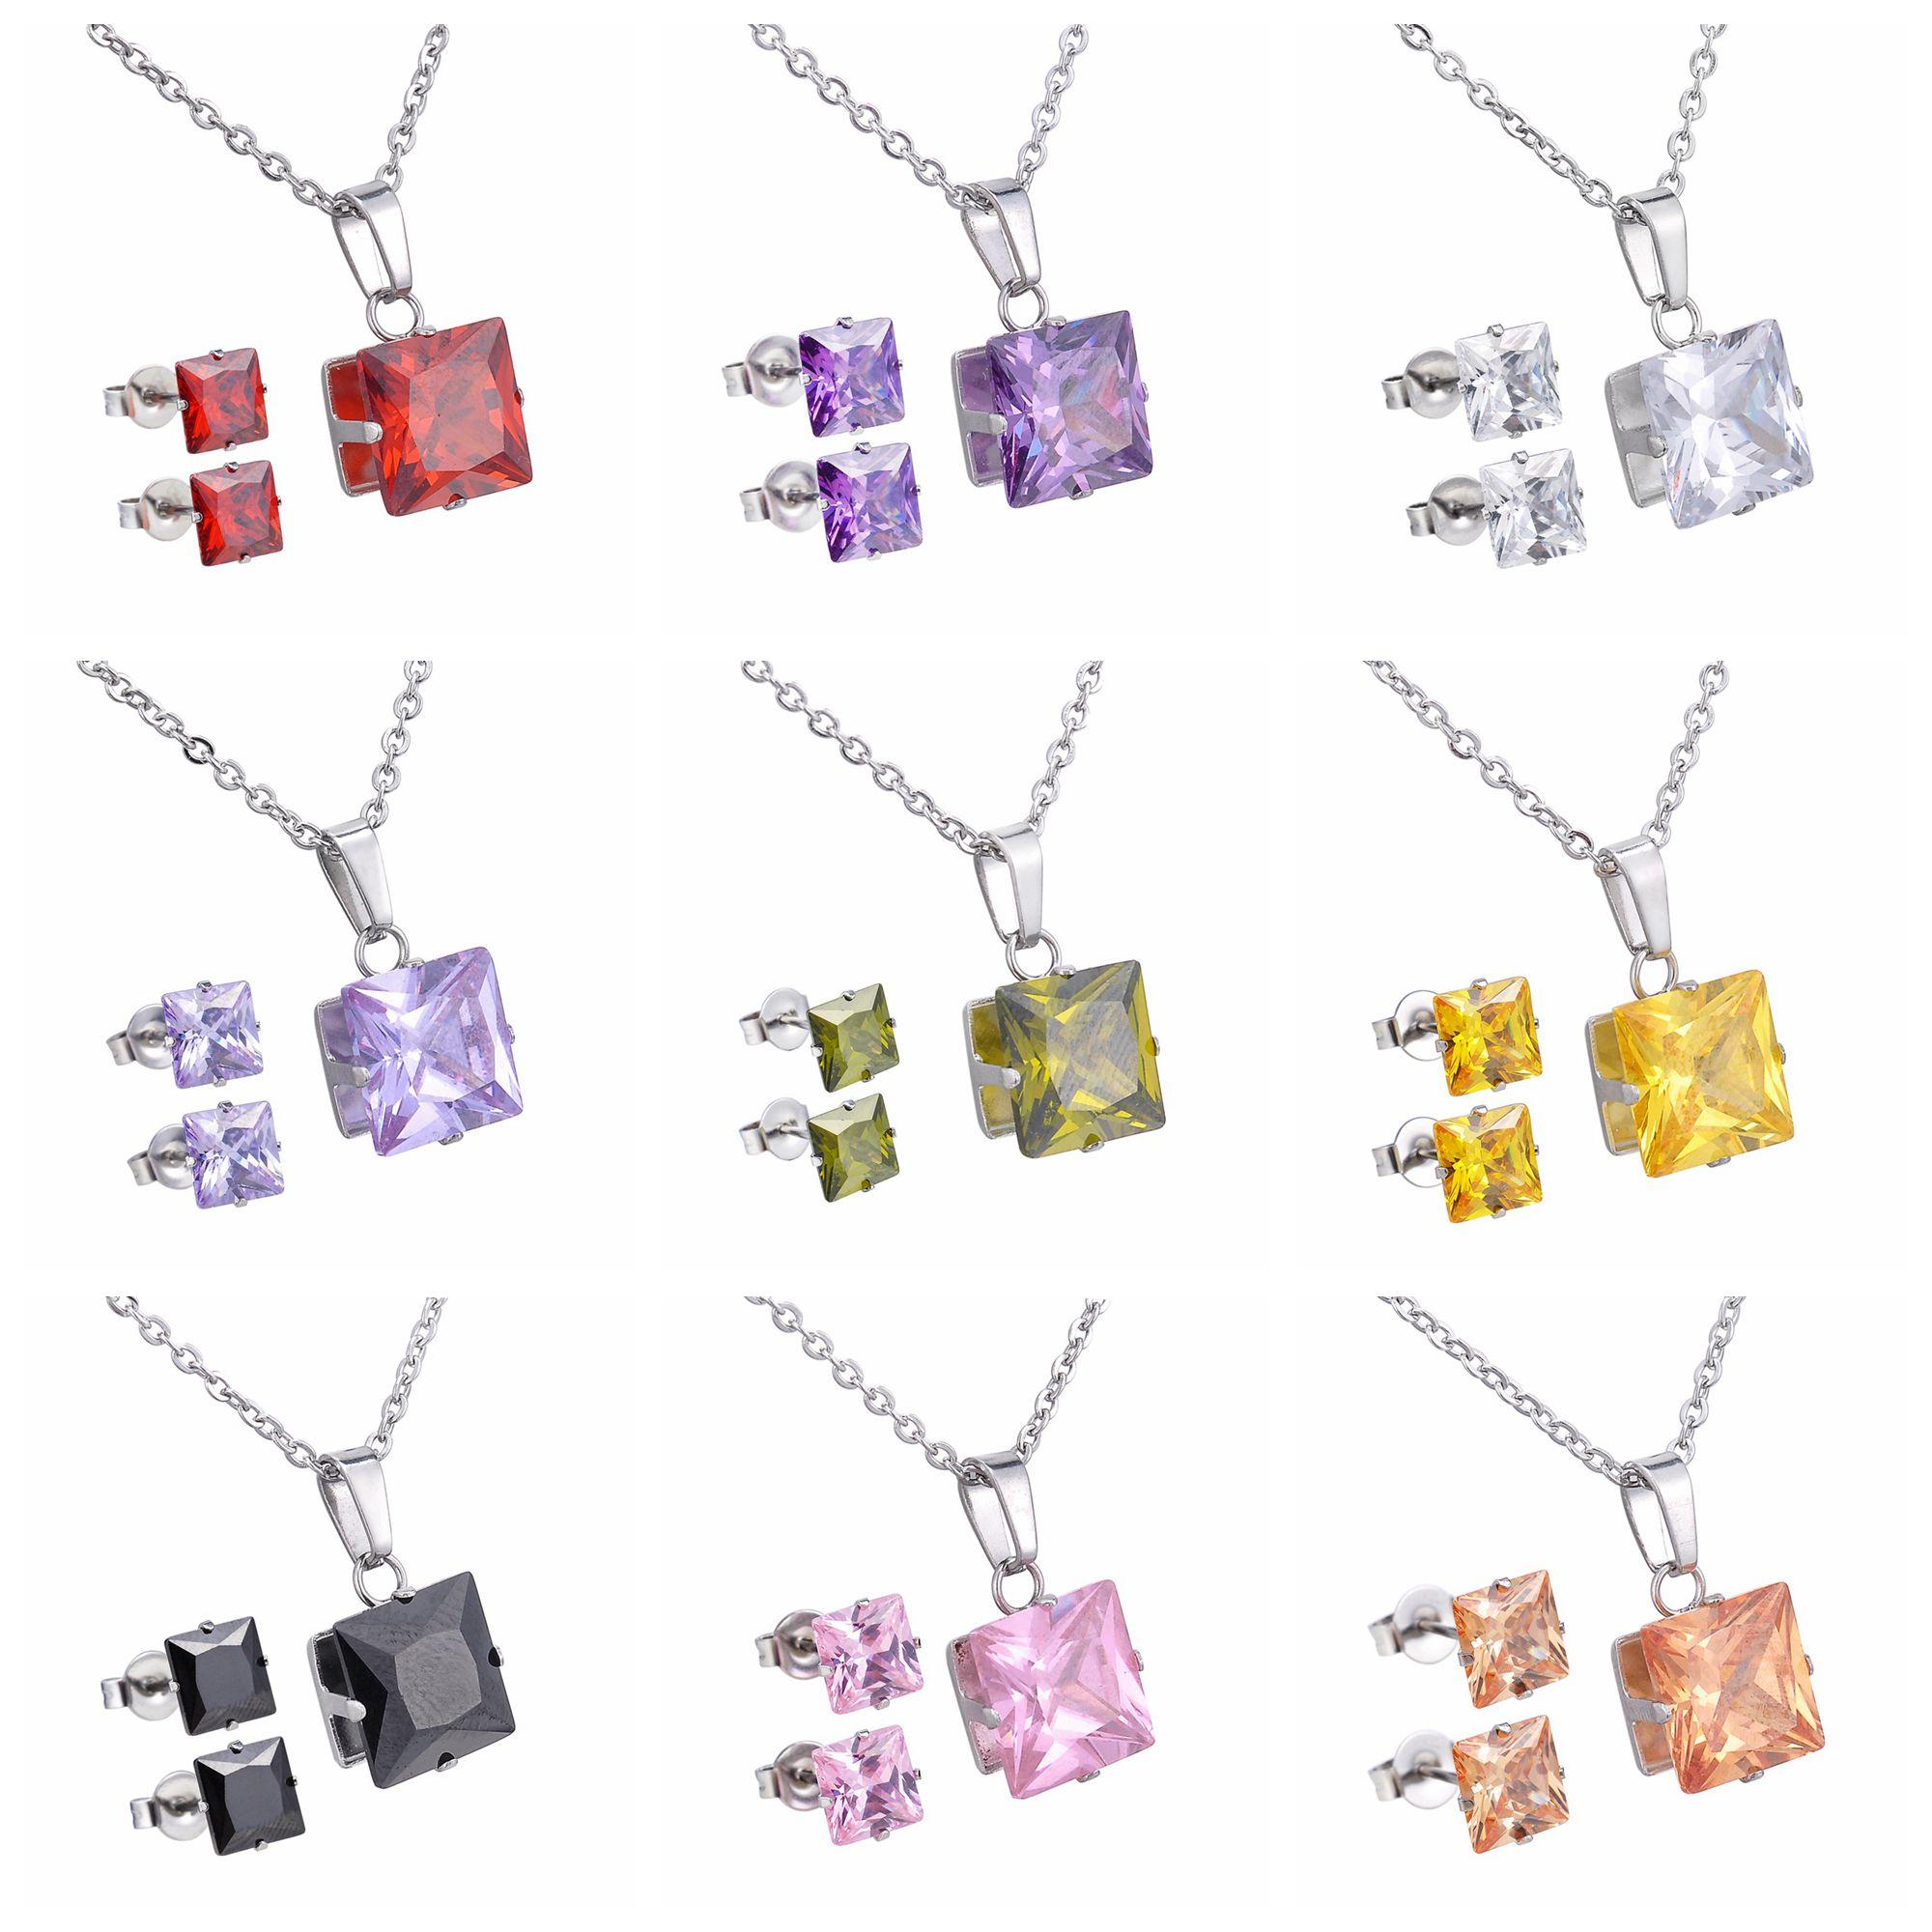 U7 Anting Kalung Batu Antik Mewah Set Stainless Steel Perhiasan 1 Kristal Jewlery Untuk Wanita Valentines Day Hadiah Cakar Liontin